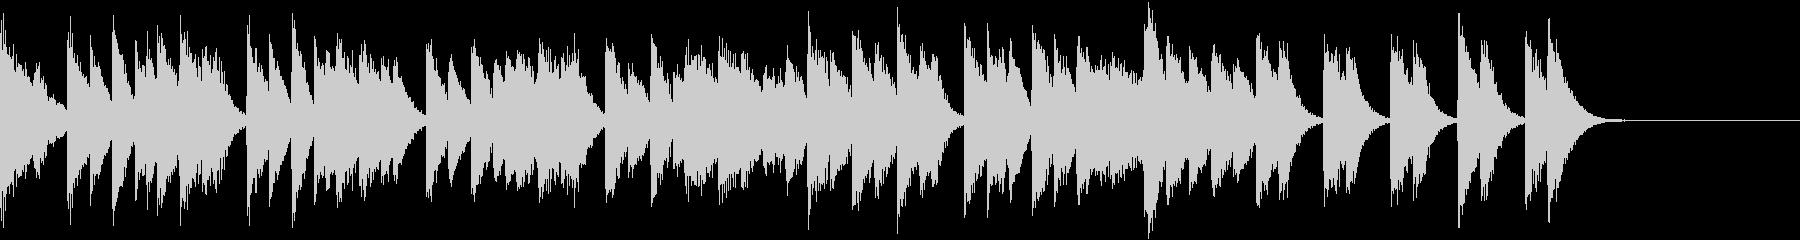 オクターブが華やかな熱いピアノジングルの未再生の波形